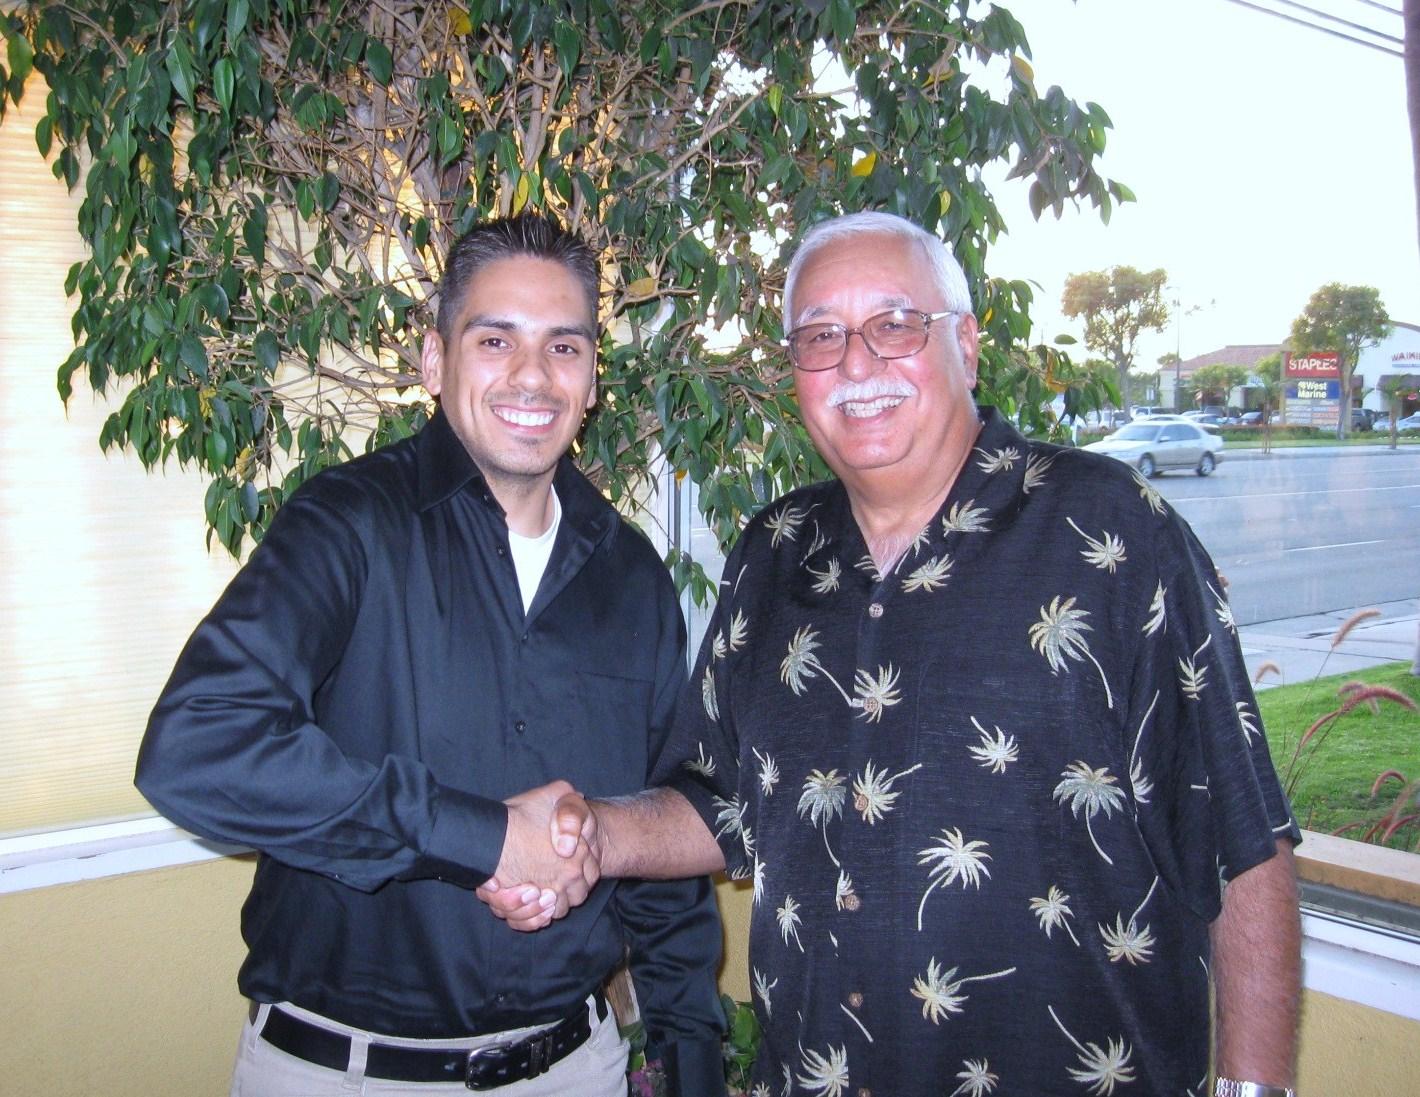 2009 Ayala Family Scholarship recipient, Edward Luna & John Ayala